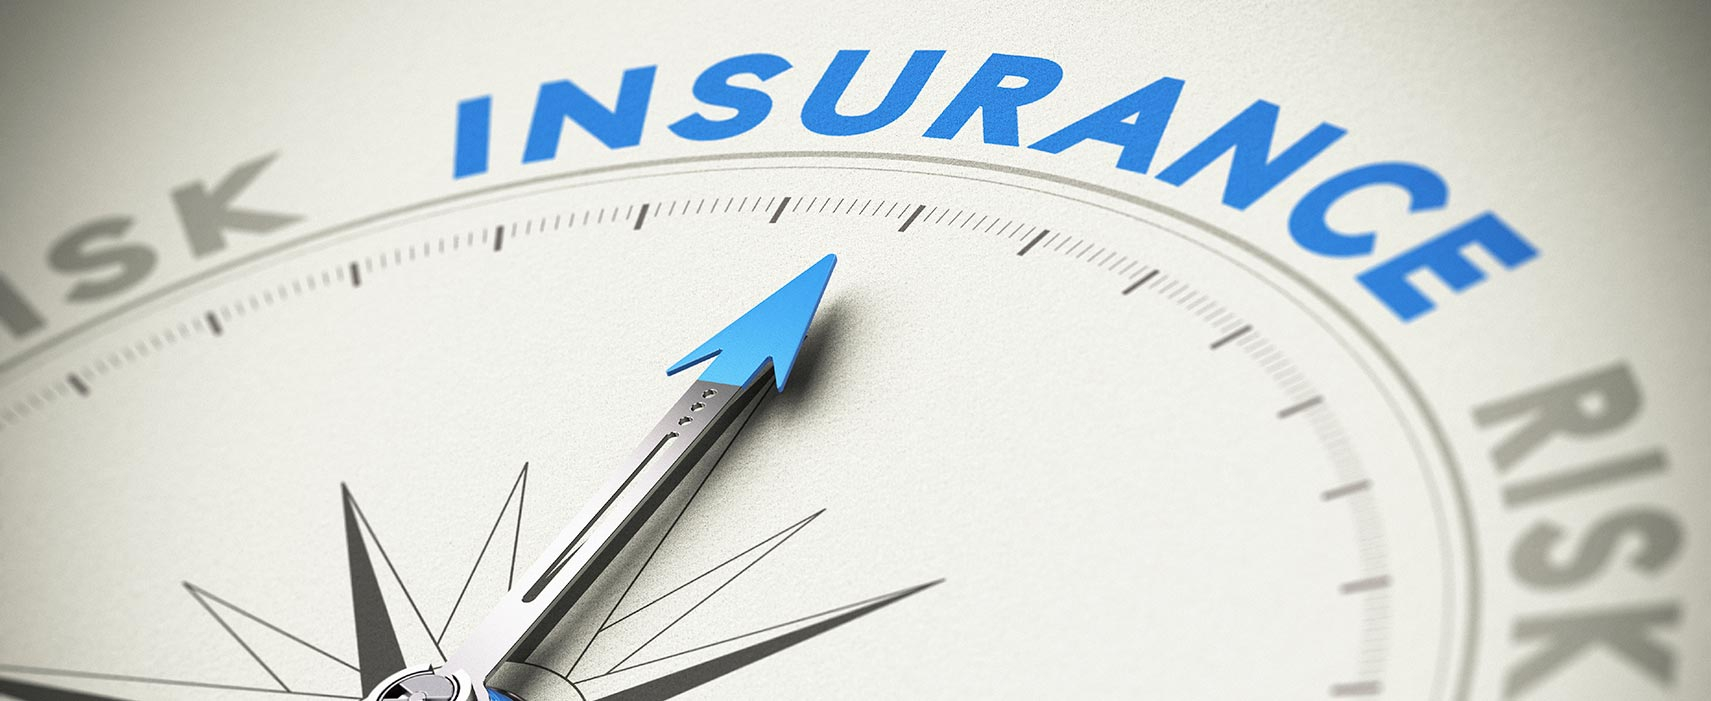 Nâng mức bồi thường khuyến khích chủ xe tham gia bảo hiểm